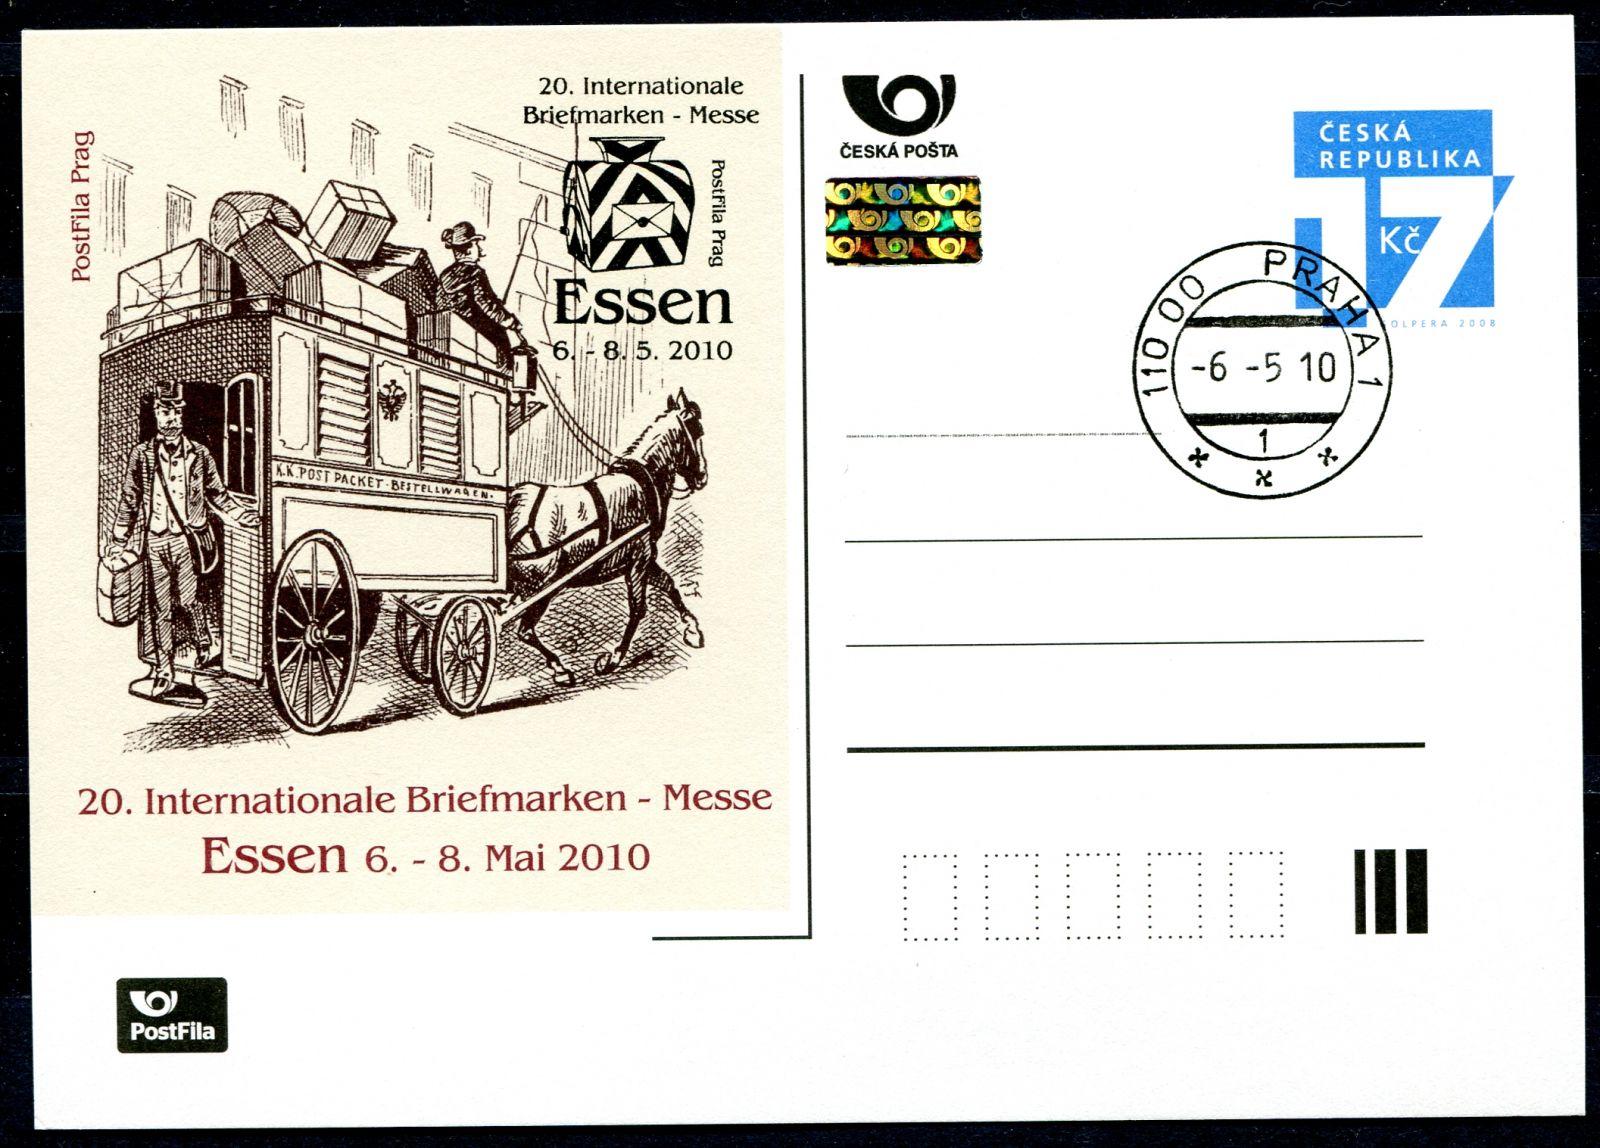 (2010) CDV 115 - O - P 172 - Essen 2010